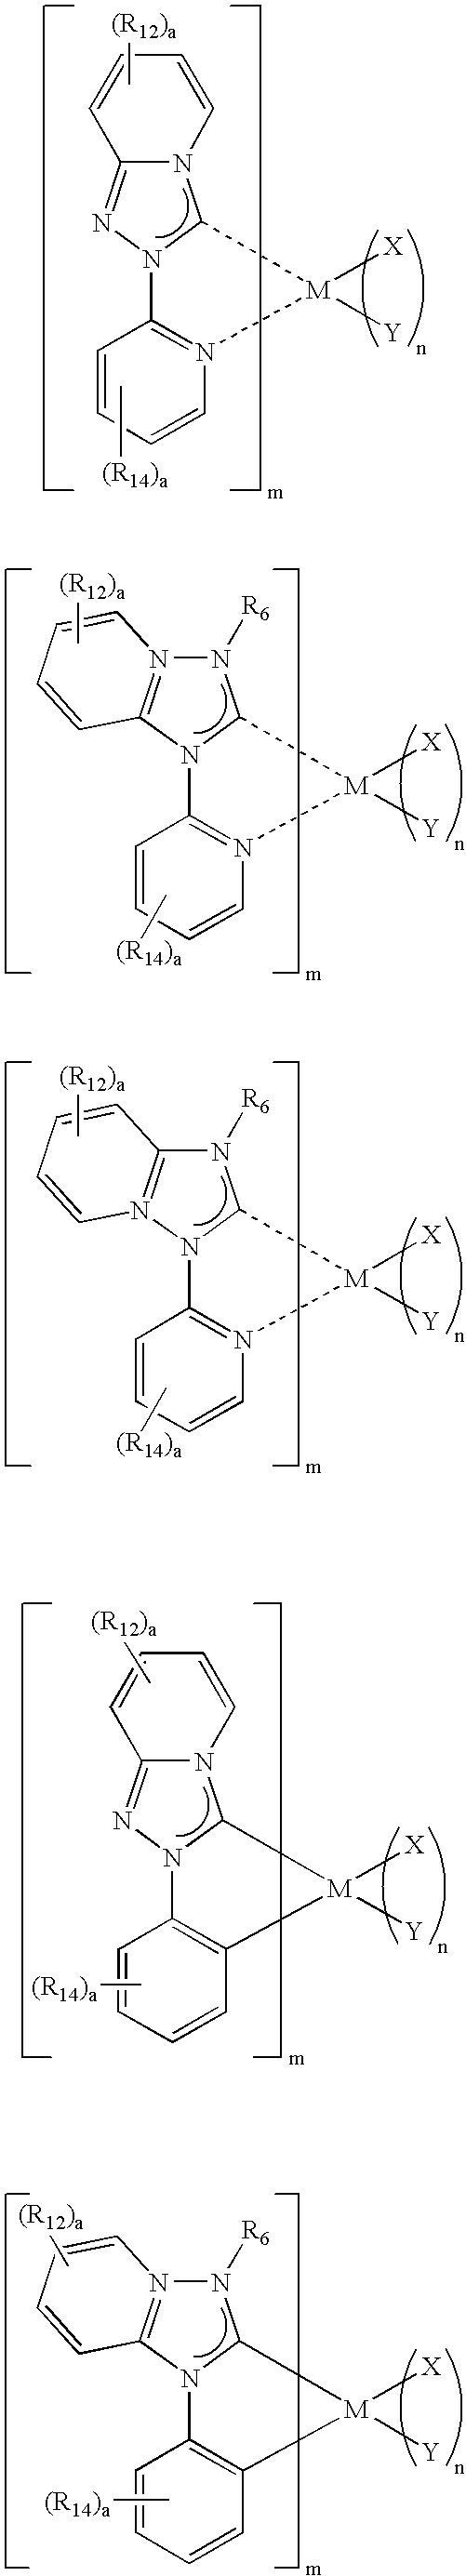 Figure US20050260441A1-20051124-C00101